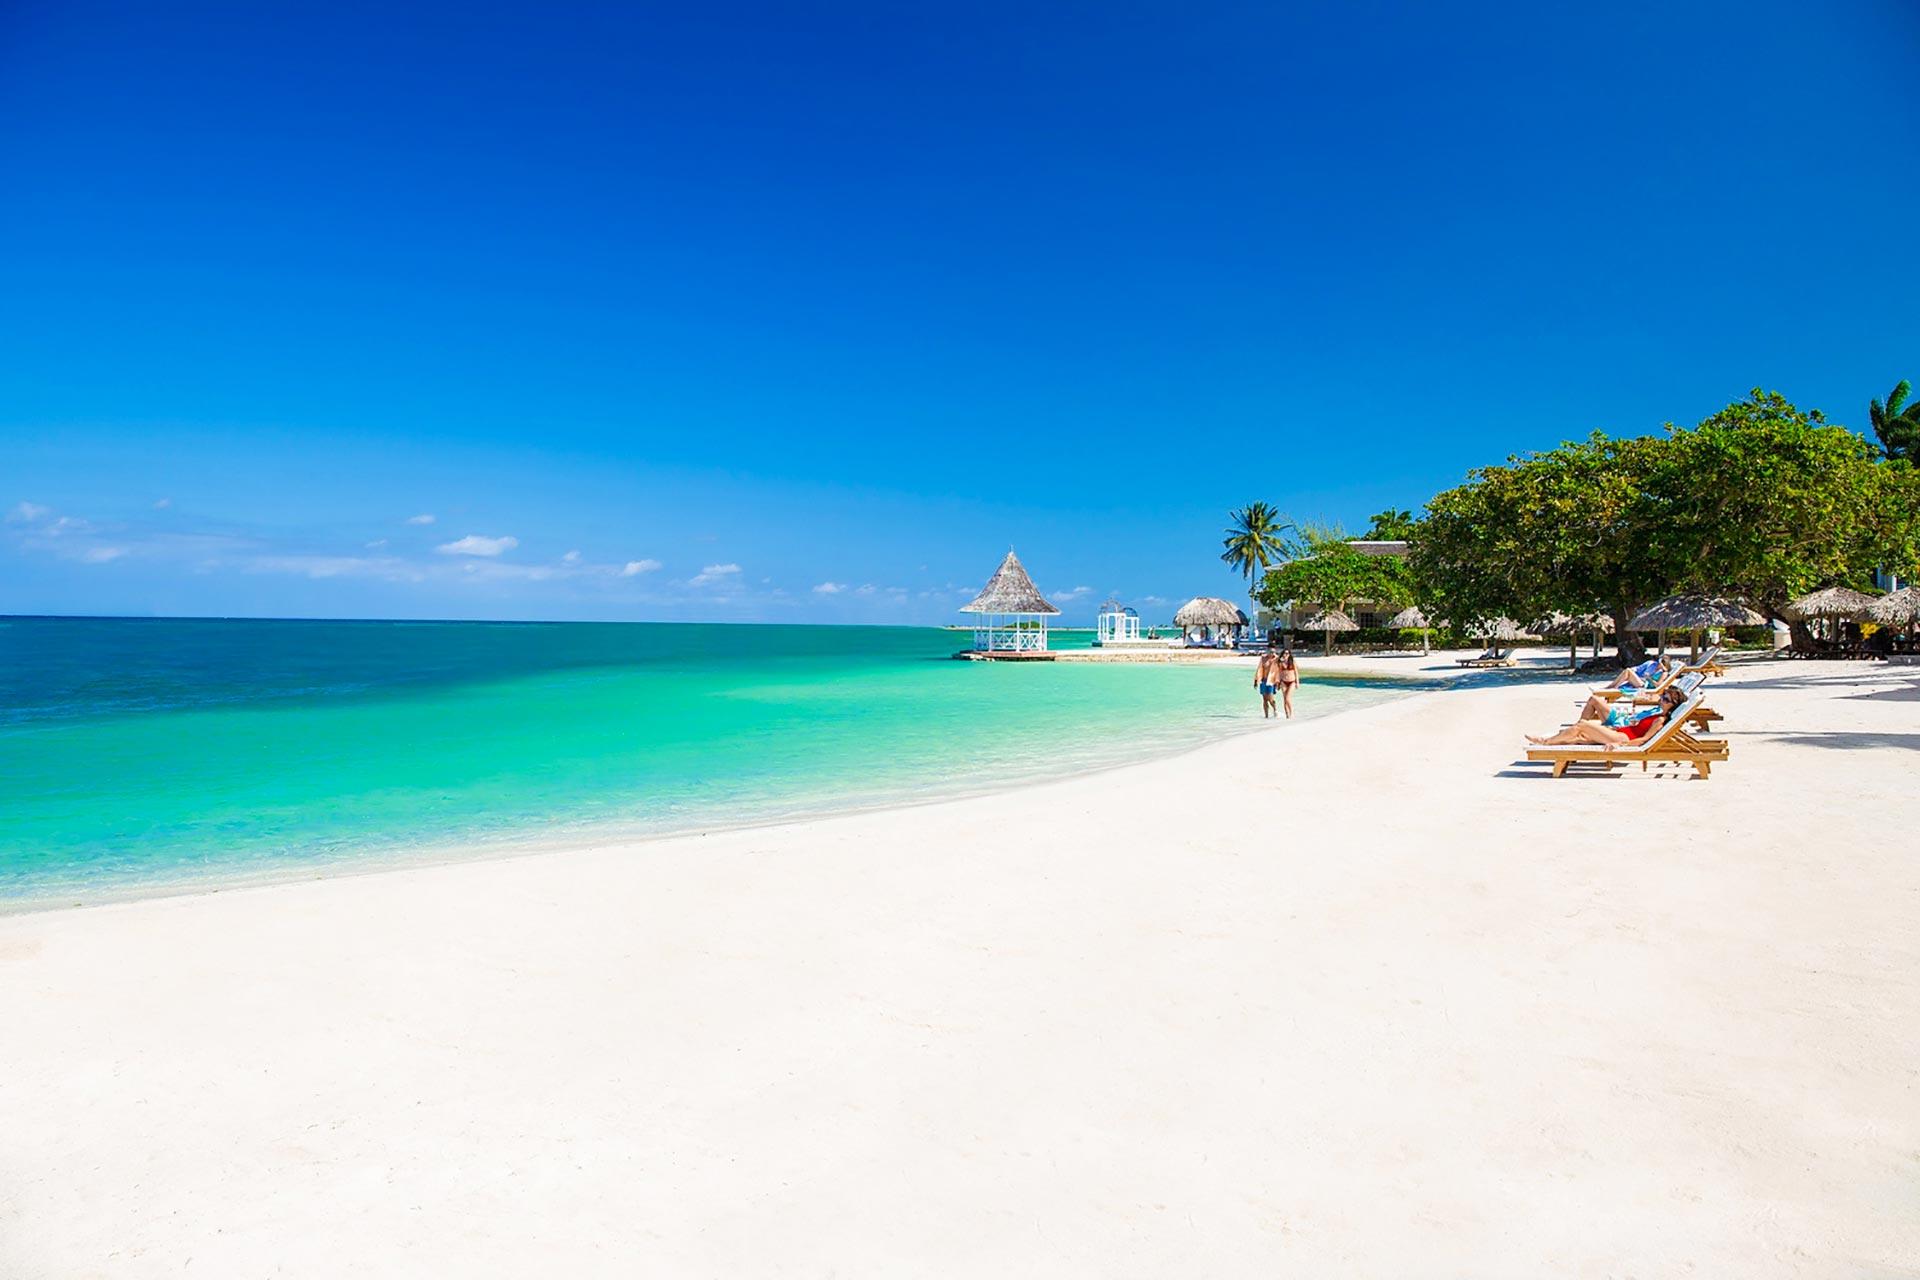 Sandals Royal Caribbean in Montego Bay